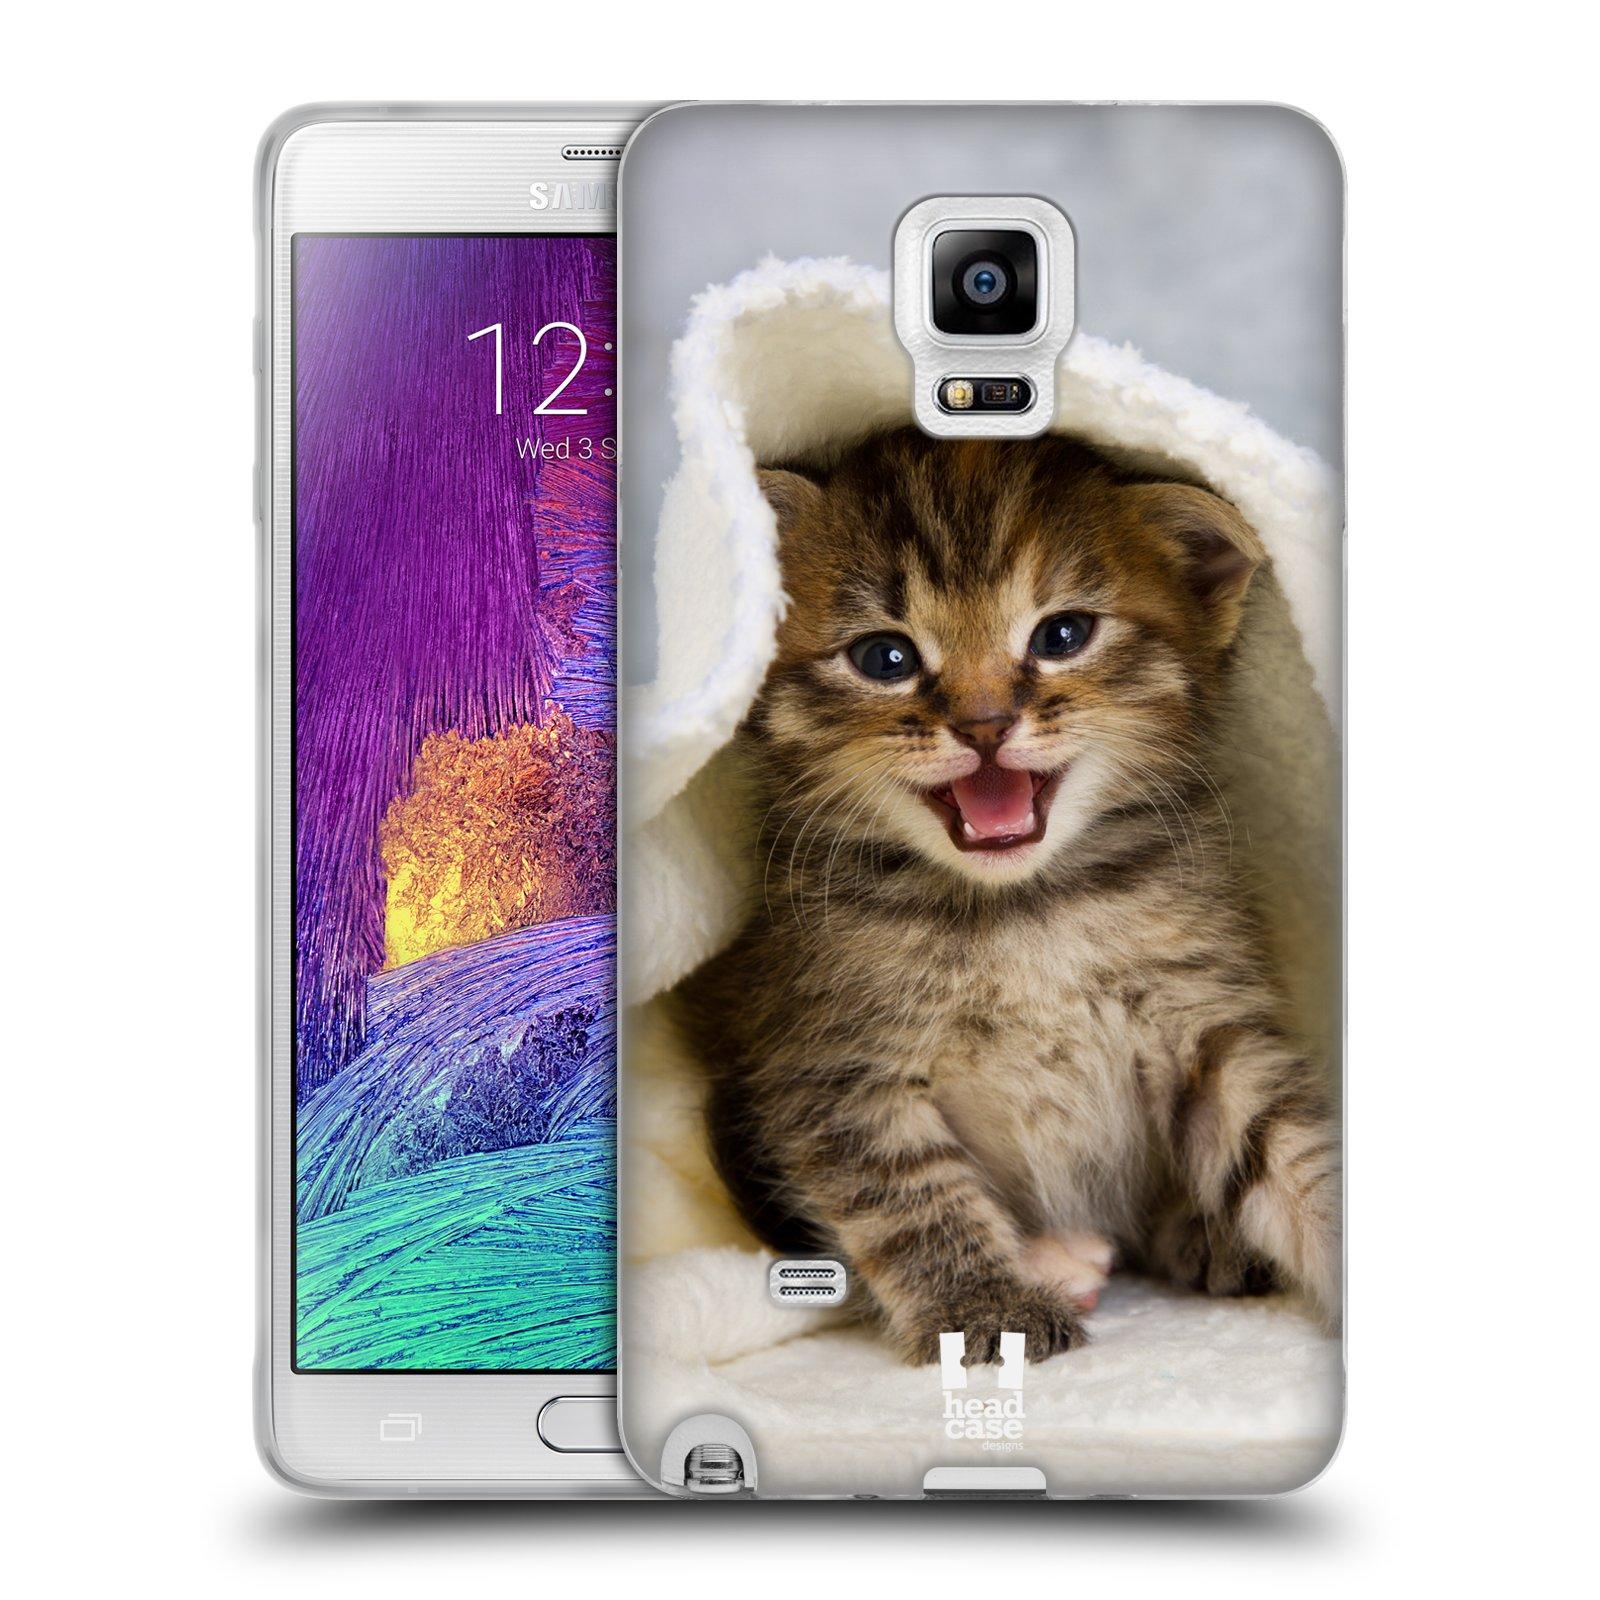 HEAD CASE silikonový obal na mobil Samsung Galaxy Note 4 (N910) vzor Kočičky koťata foto kotě v ručníku